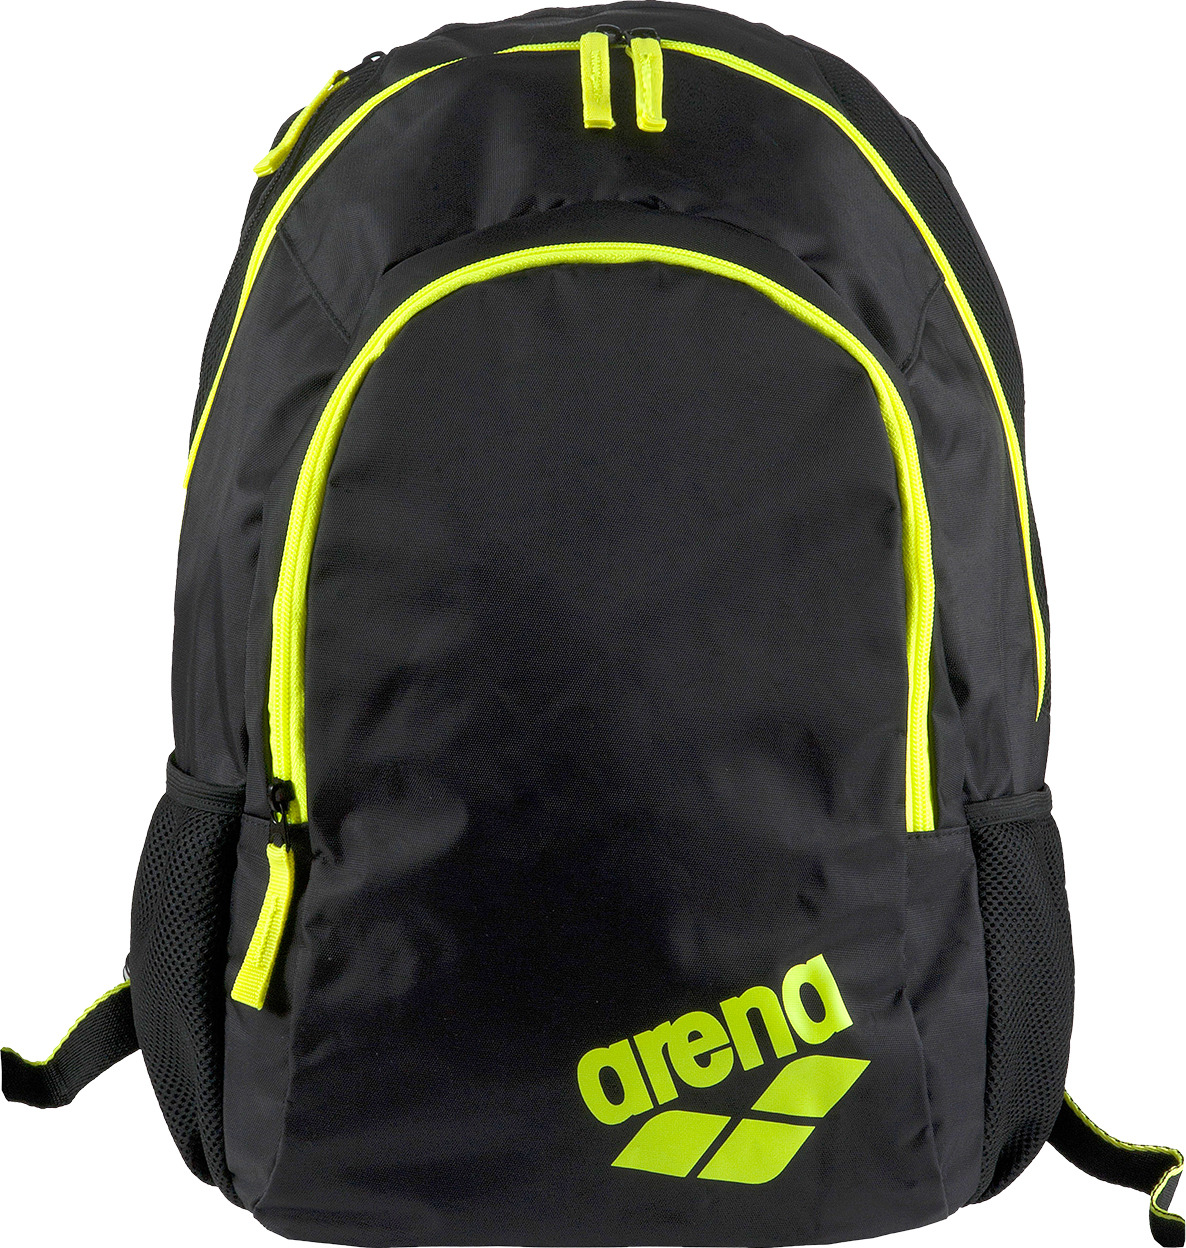 Рюкзак спортивный Arena Spiky 2, цвет: черный, желтый, 30 л. 1E005 53